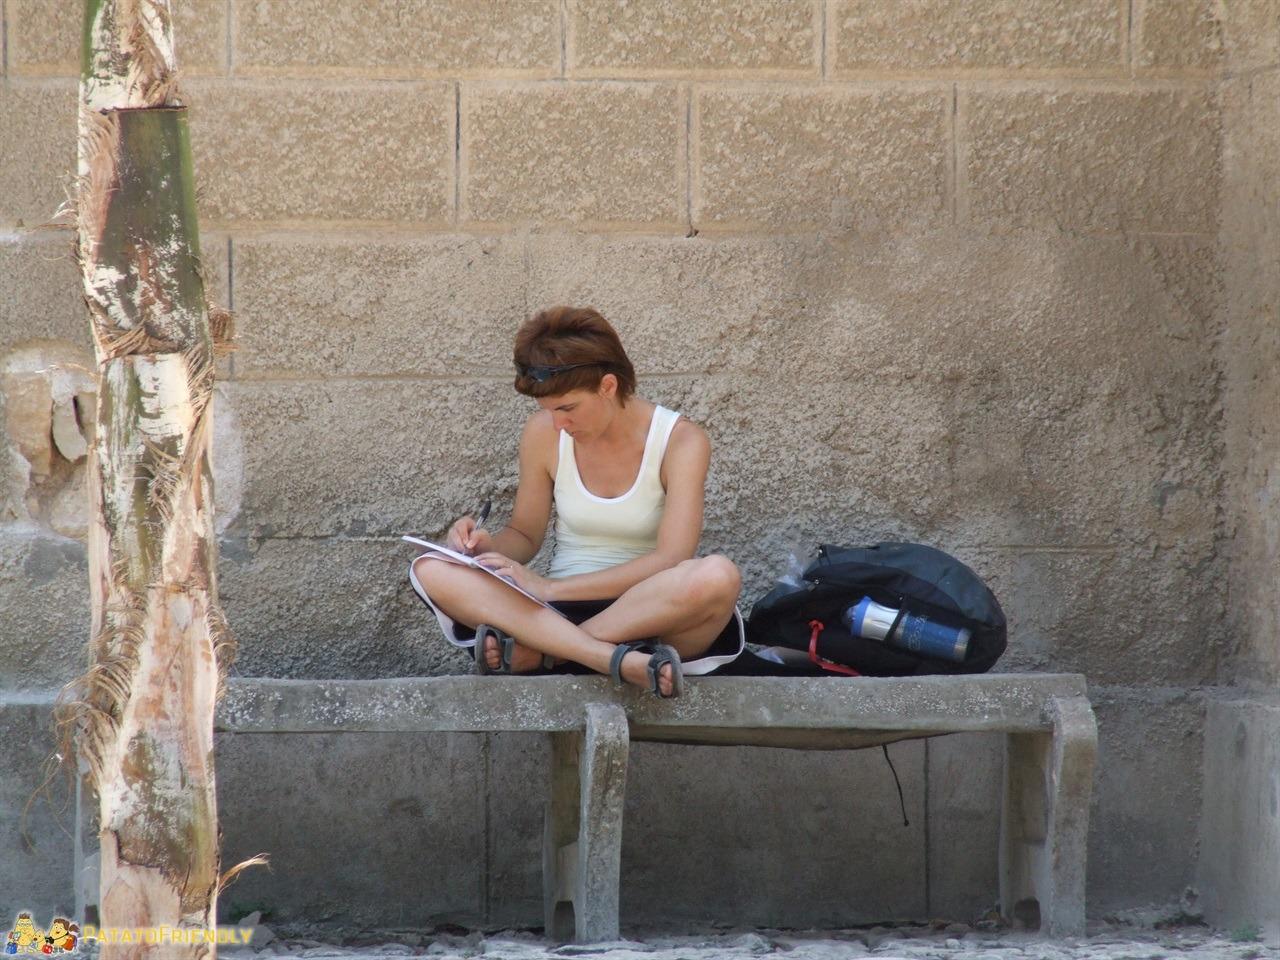 Da brava Travel Blogger prendo appunti durante il mio viaggio in Israele